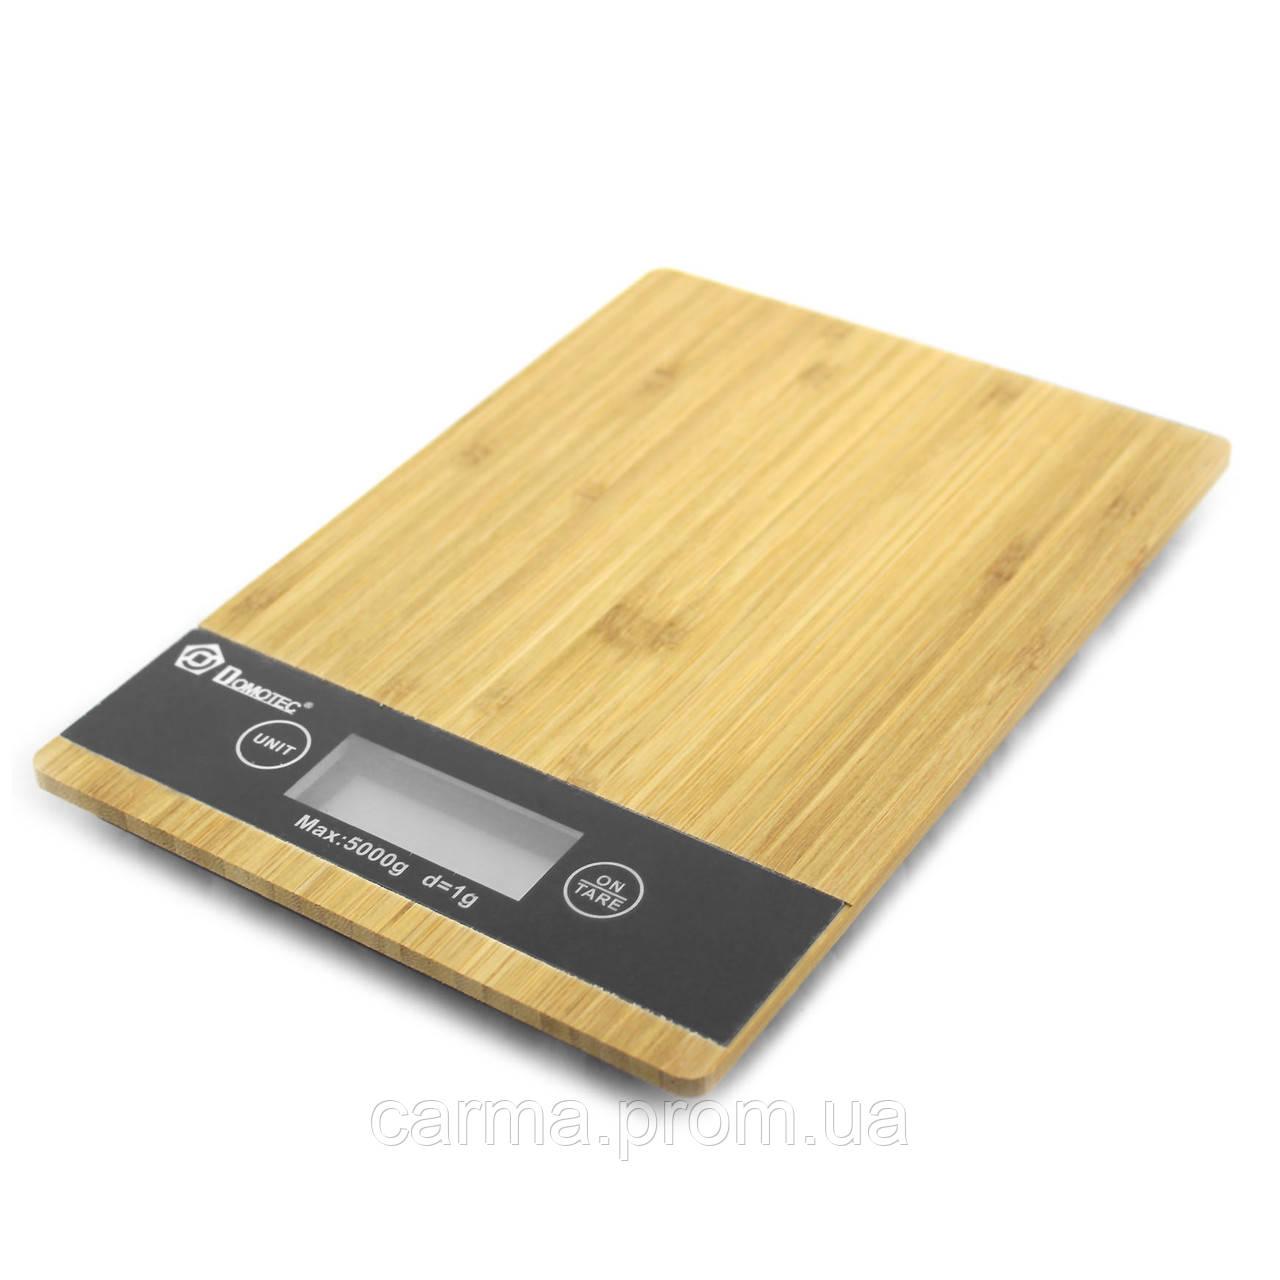 Весы кухонные Domotec MS A Wood